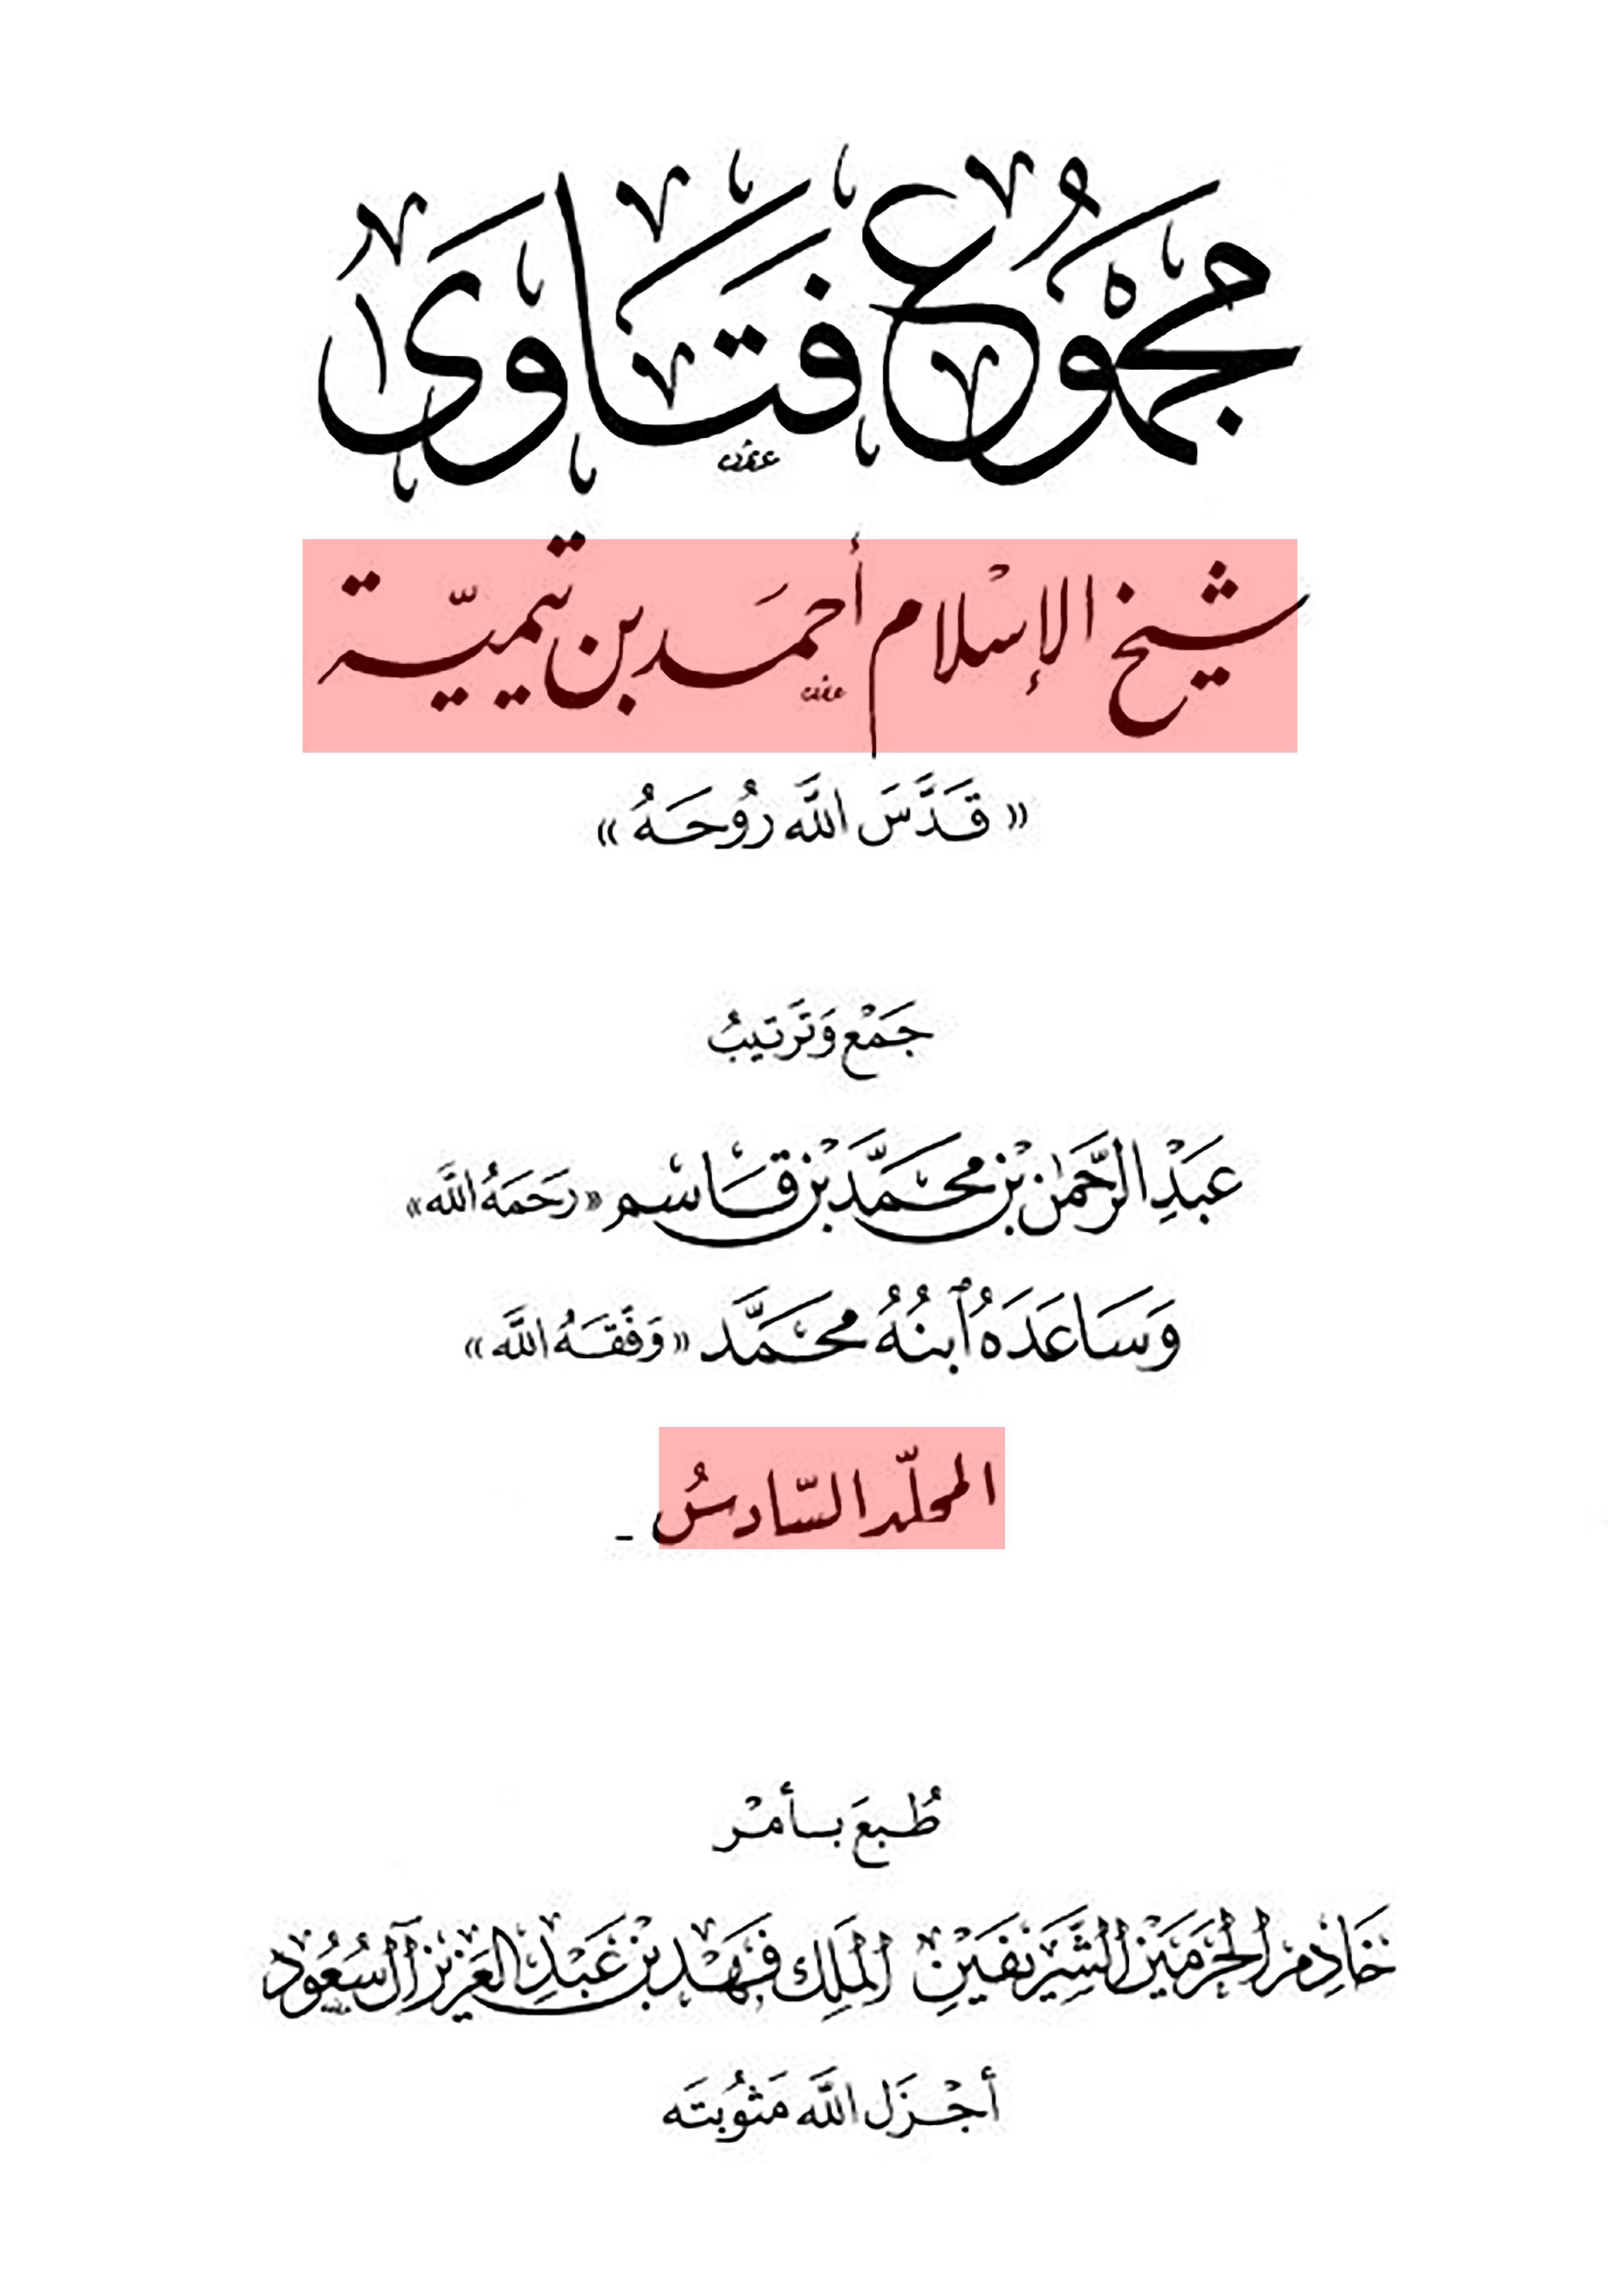 الاســـم:مجموع الفتاوى لشيخ الاسلام ج6  غلاف تكملة.JPG المشاهدات: 711 الحجـــم:308.0 كيلوبايت